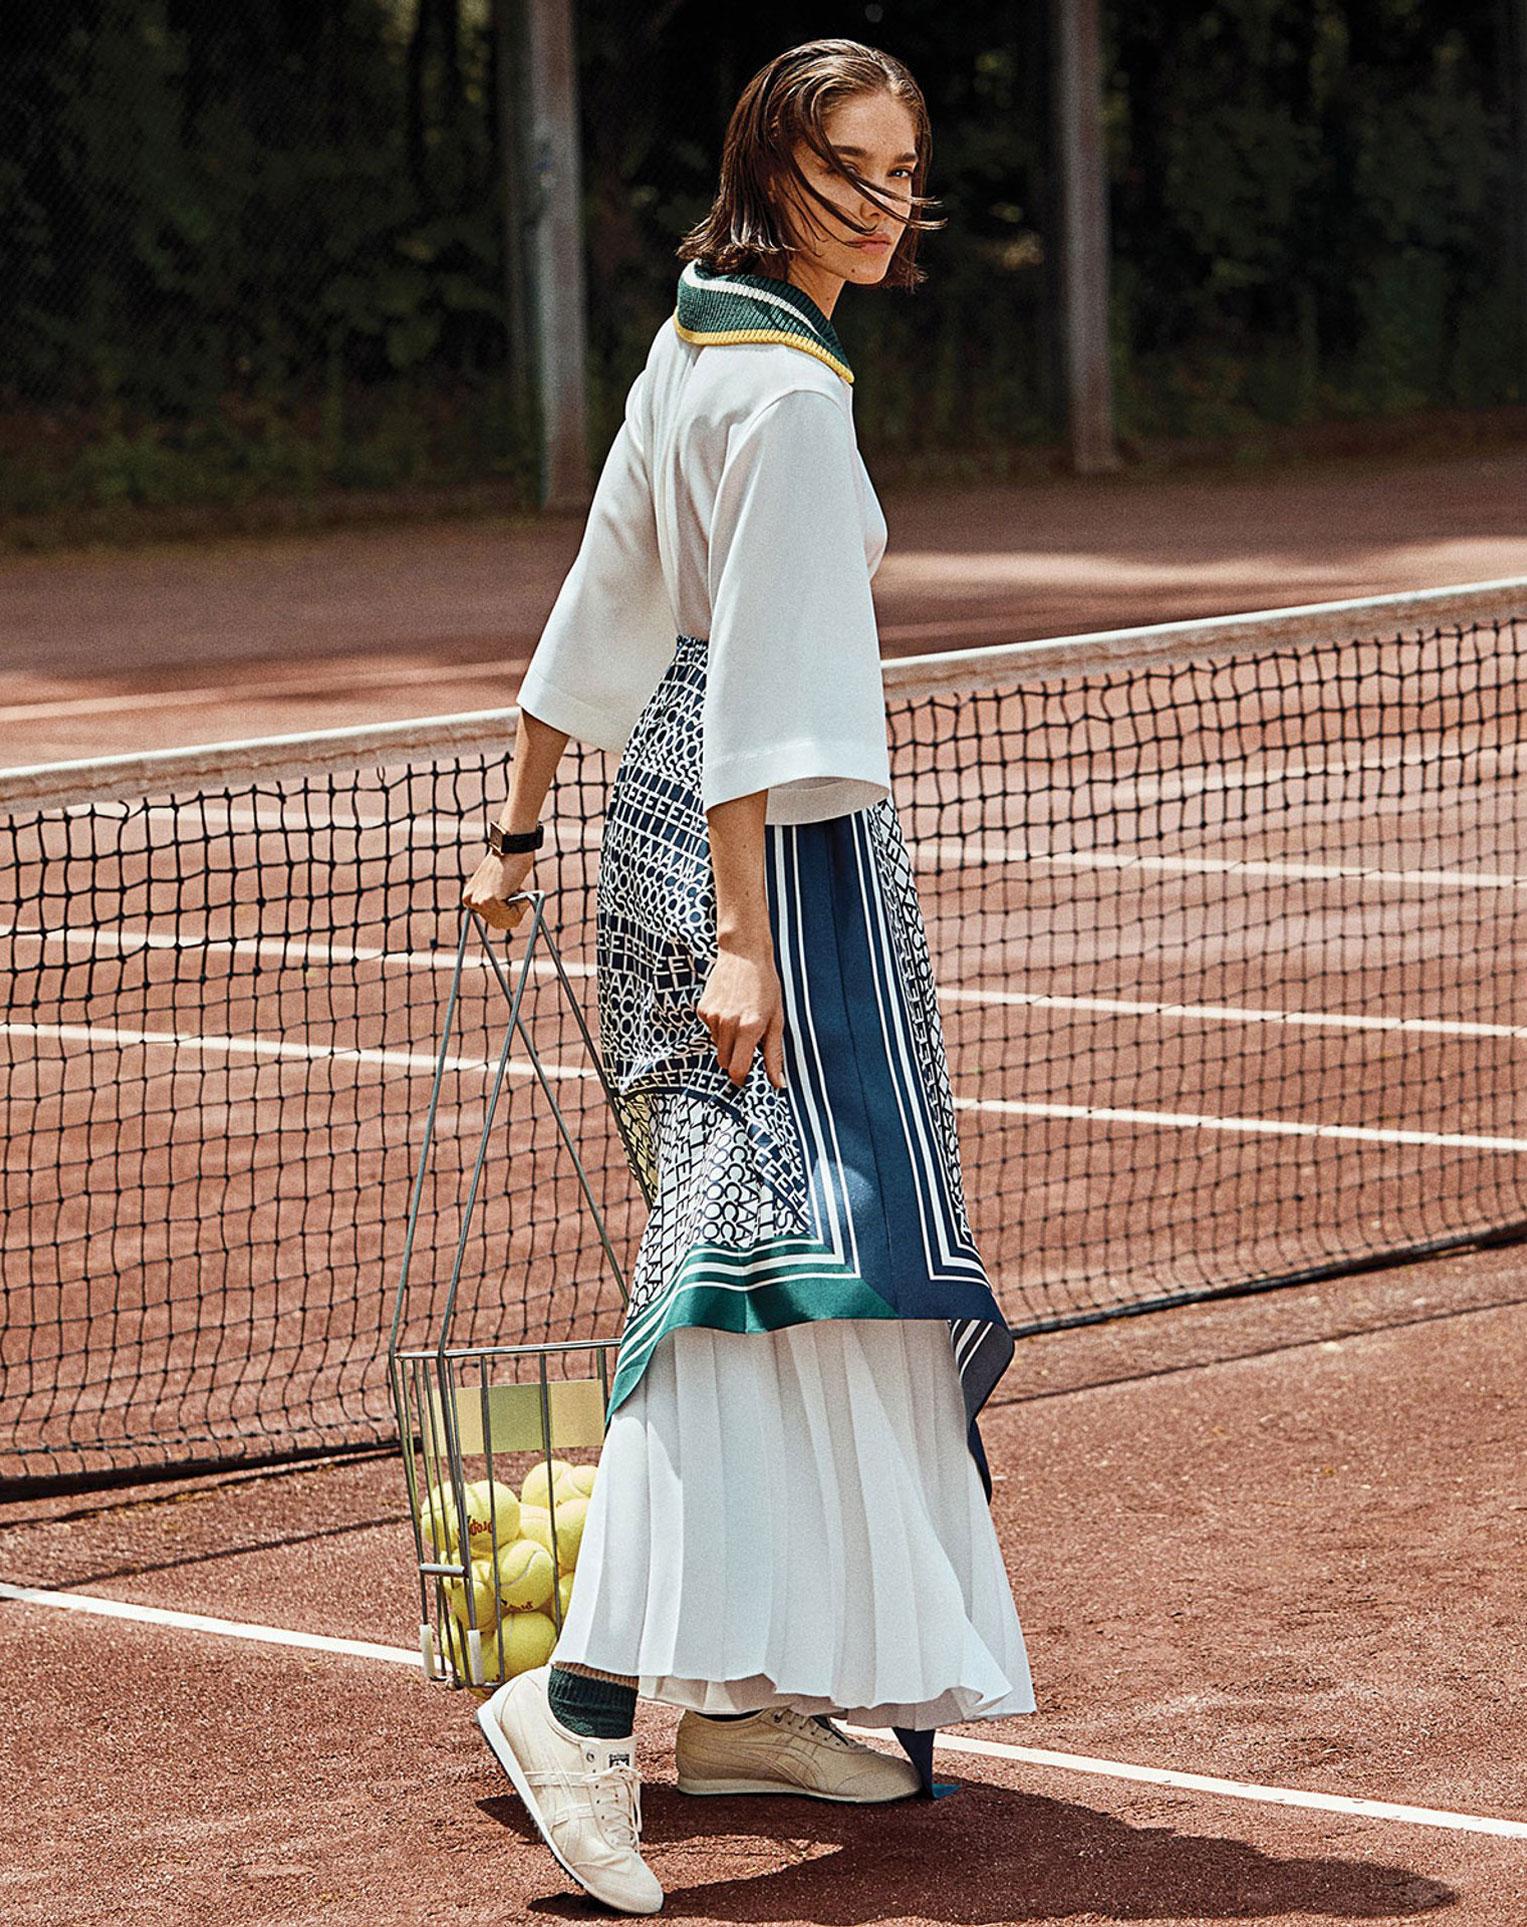 -Королева кортов- Мишель Дантас в модной одежде спортивного стиля / фото 04